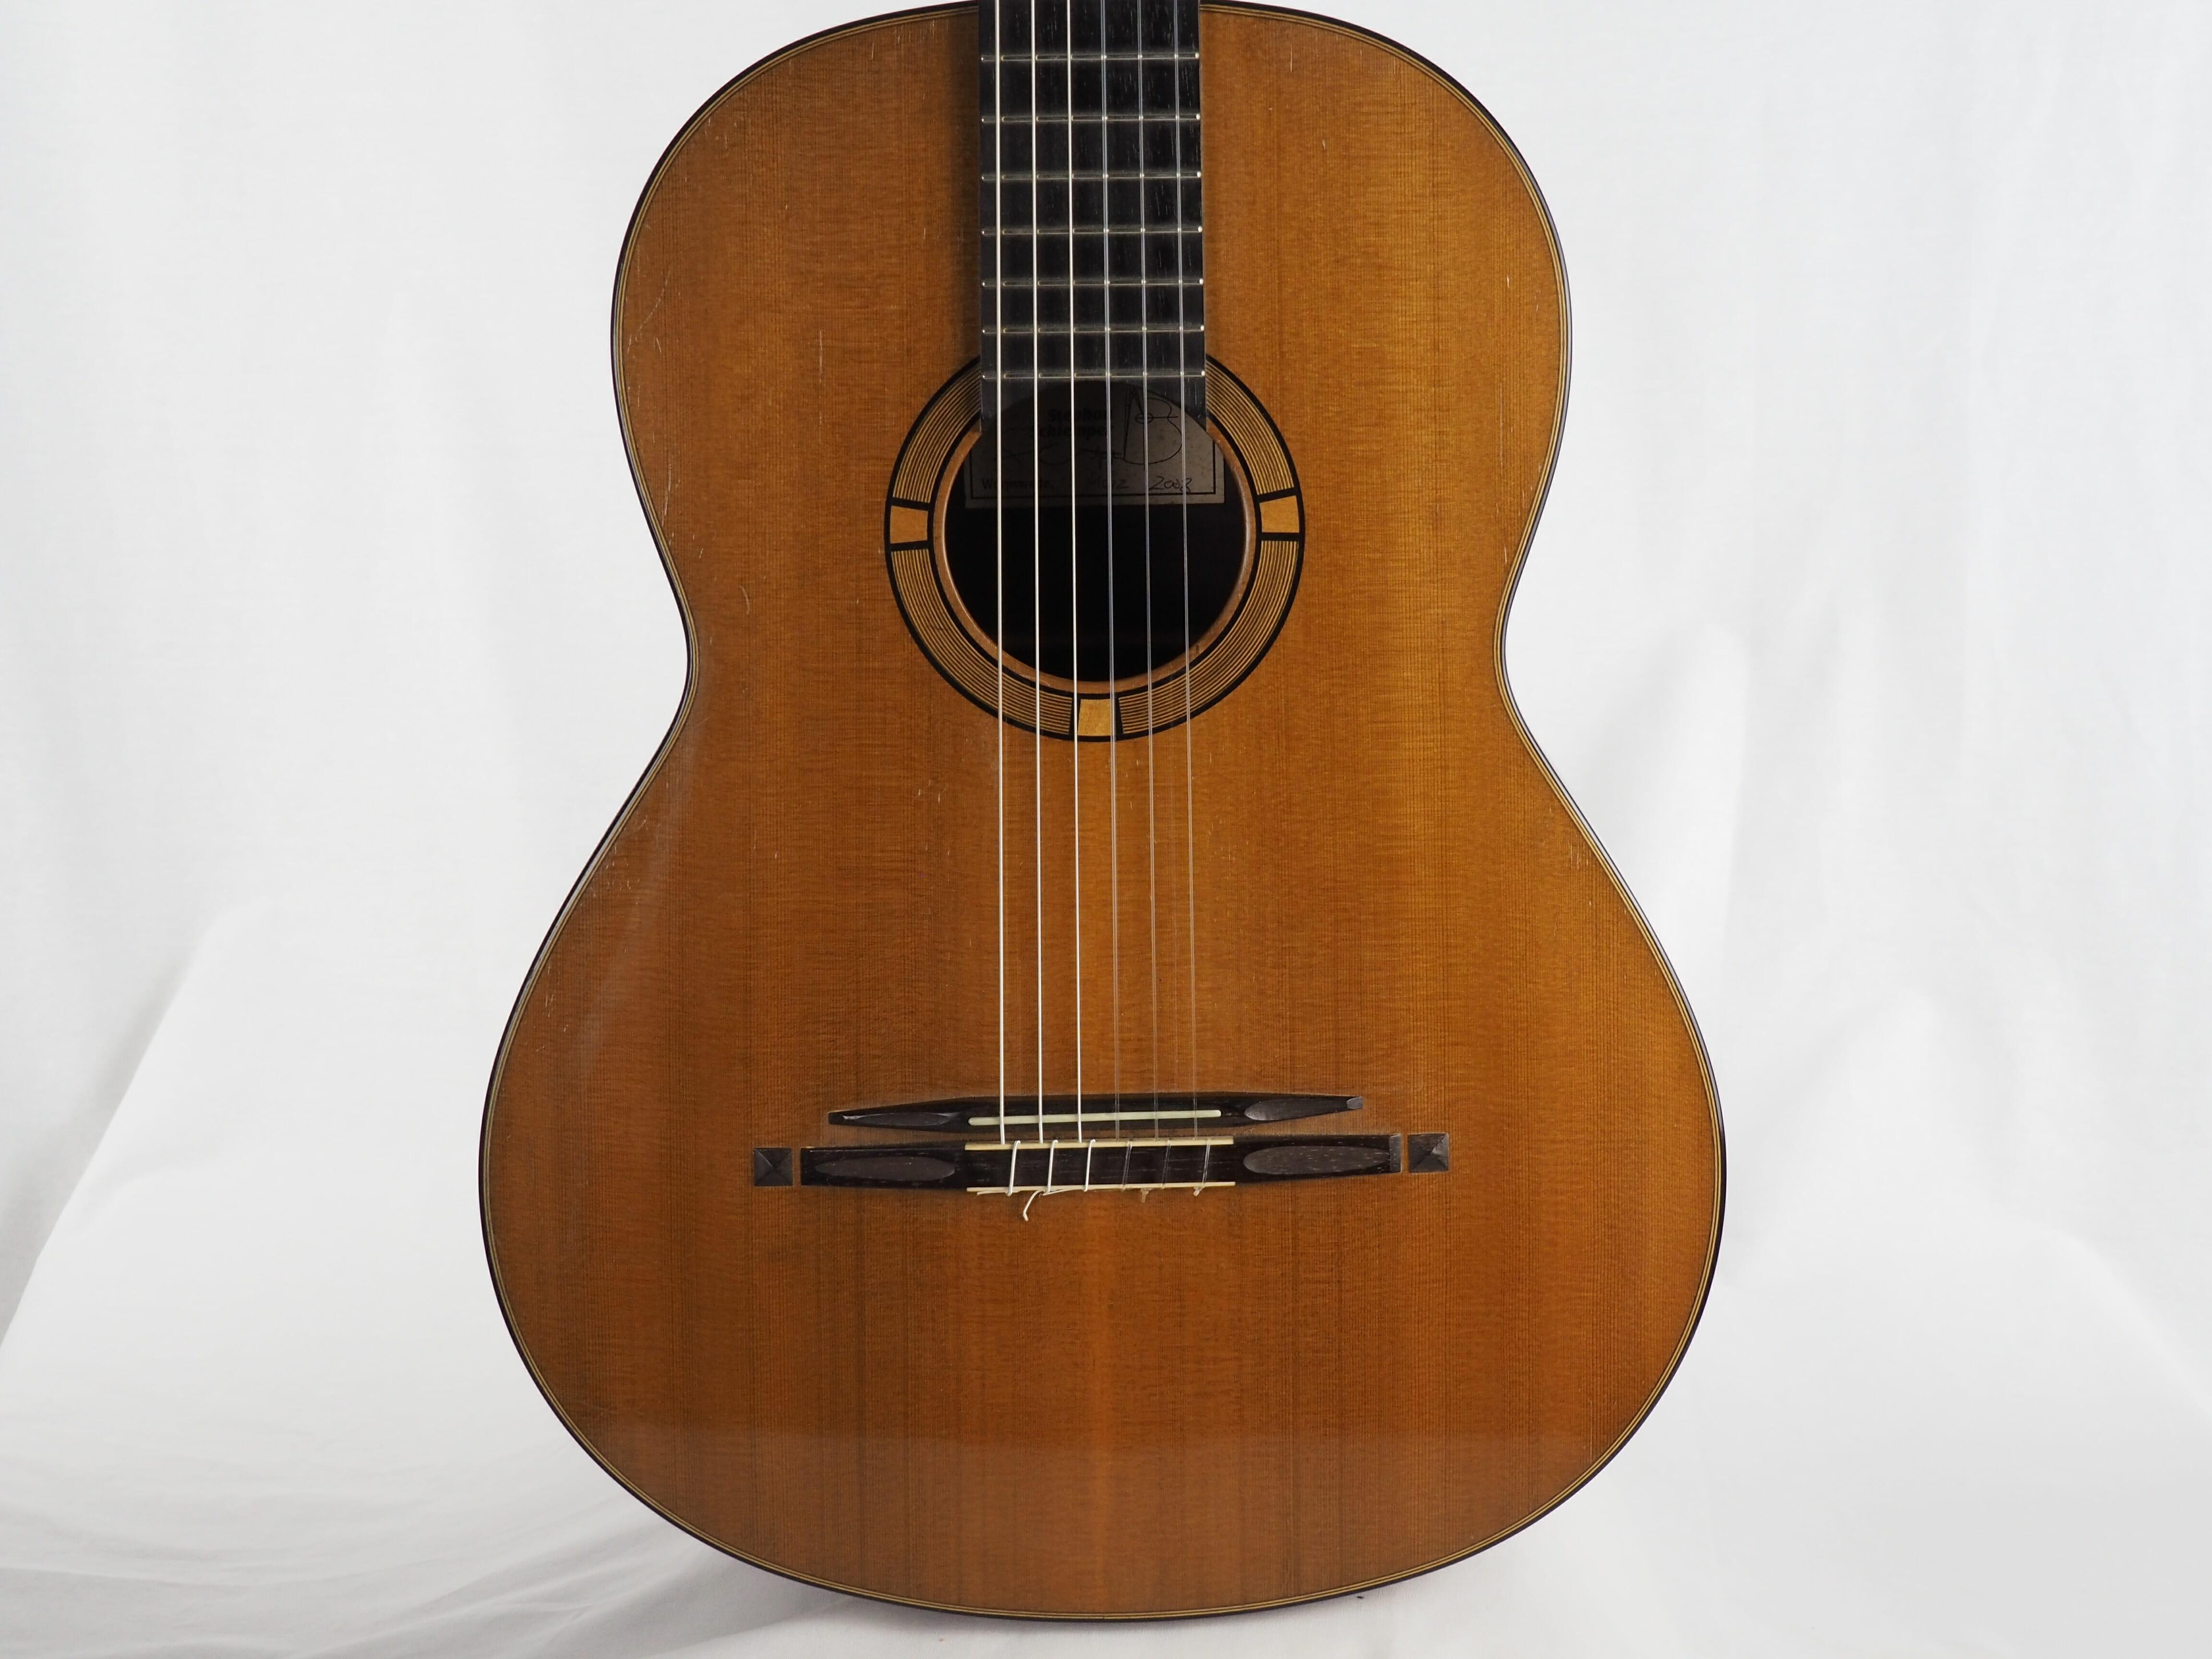 luthier stephan schlemper guitare classique ebanista 2008 guitare classique de concert. Black Bedroom Furniture Sets. Home Design Ideas